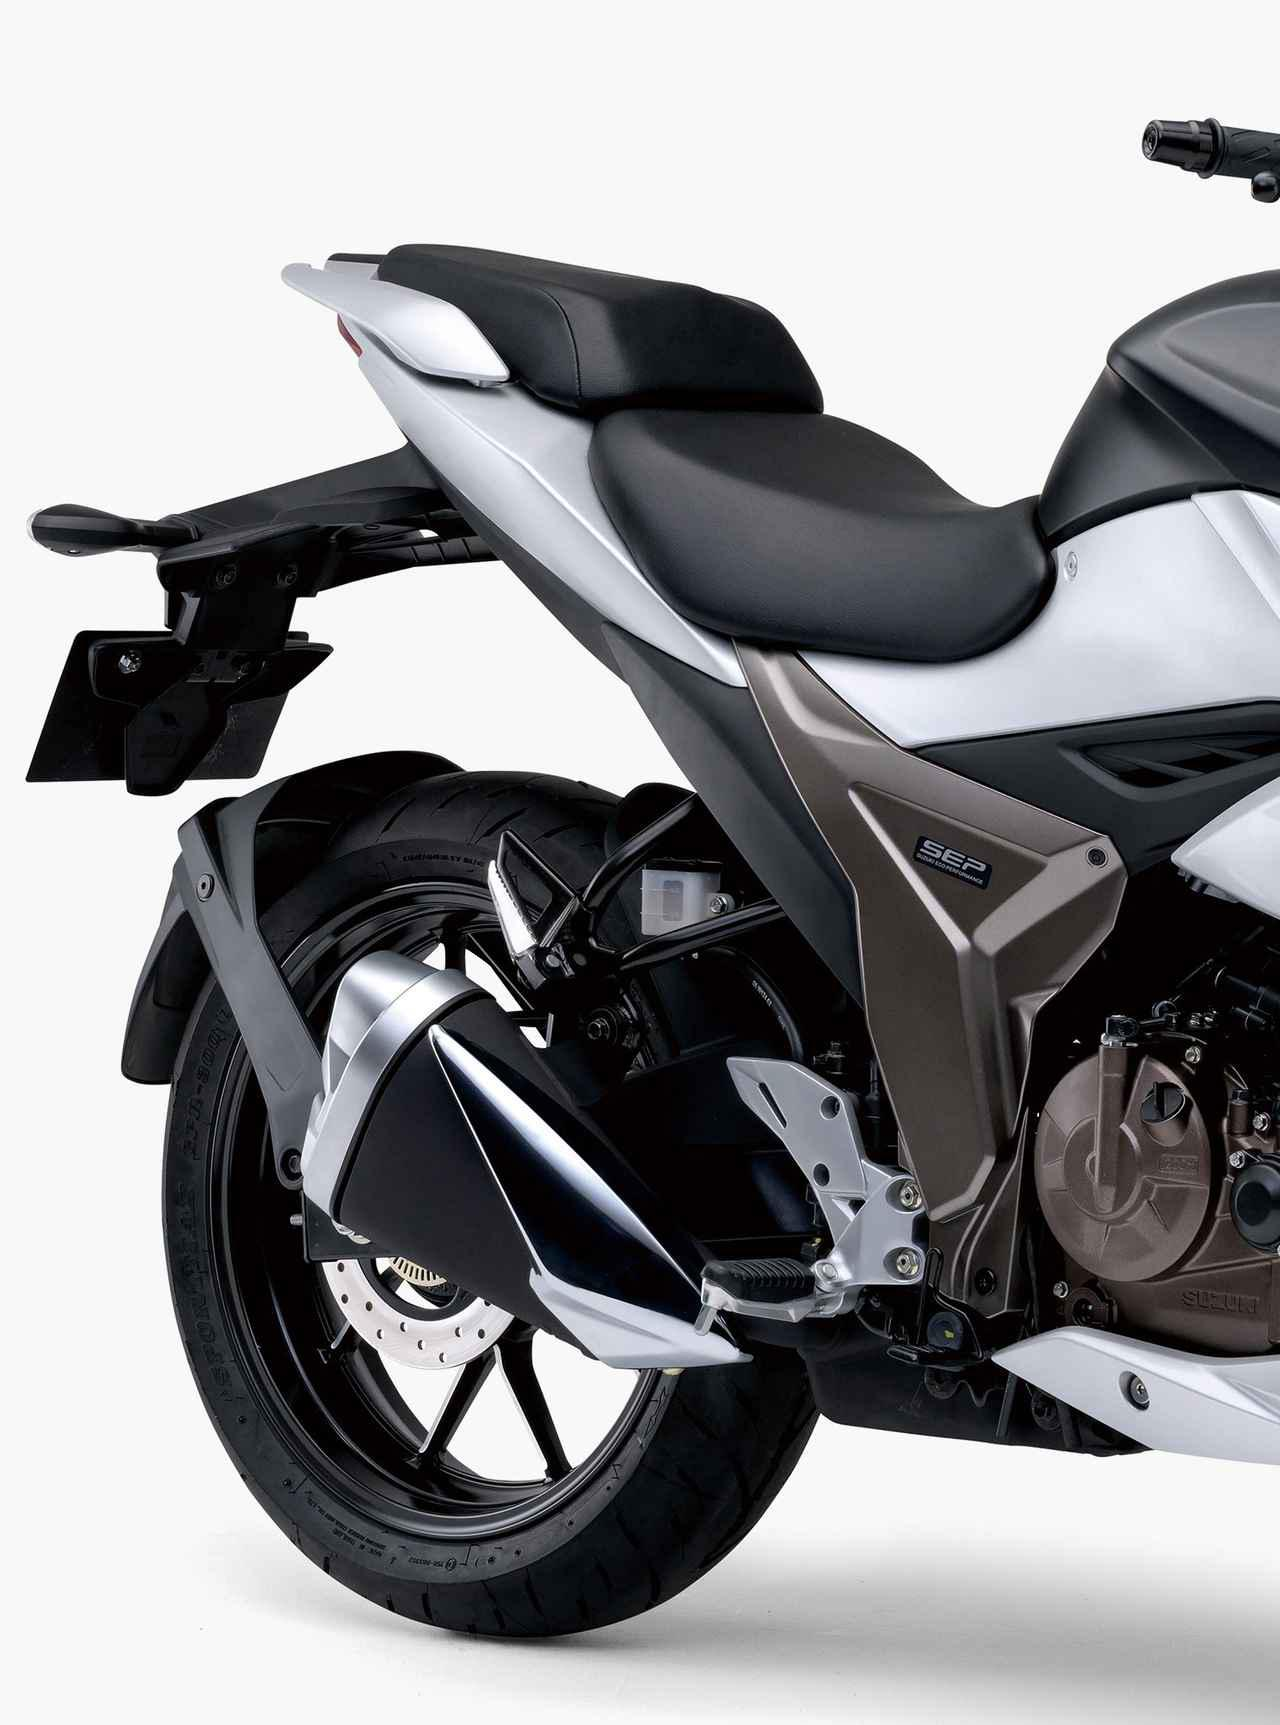 画像6: 【驚きの40万円台】スズキ「ジクサーSF250」「ジクサー250」の価格と発売日が決定! 油冷単気筒250ccがいよいよ国内デビュー